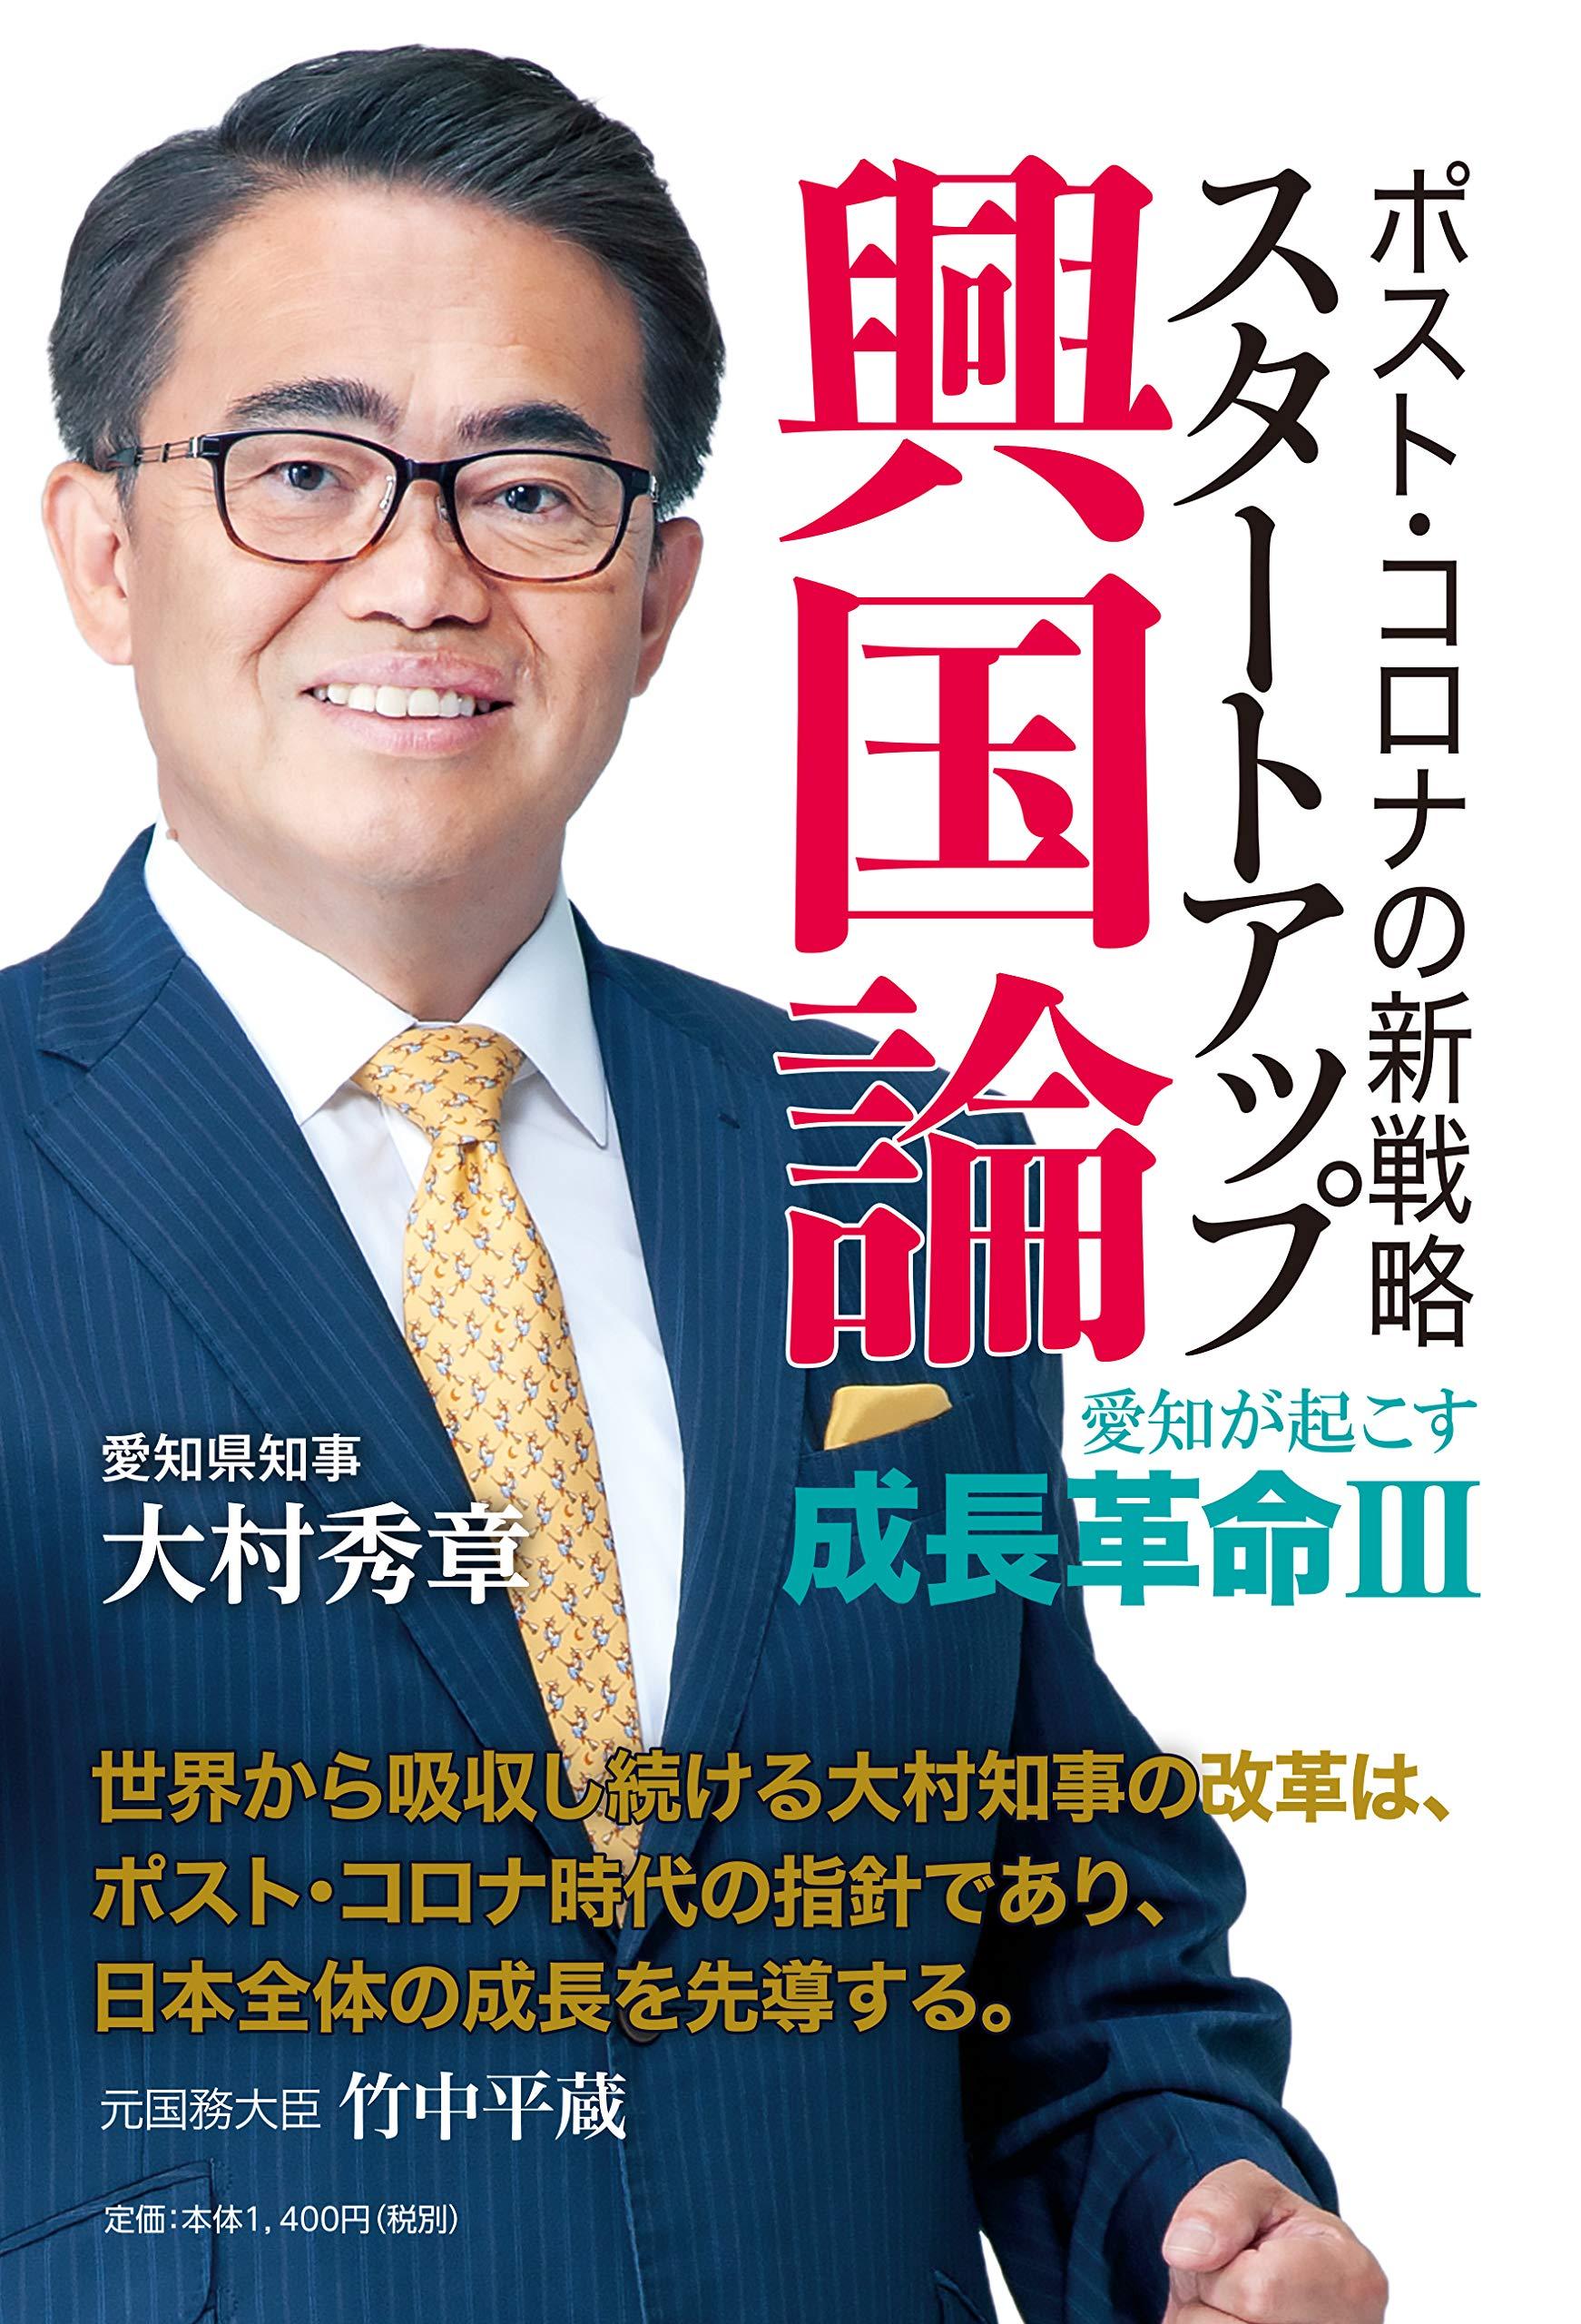 コロナ 愛知 県 知事 愛知県 まん延防止解除後1か月は「厳重警戒措置」